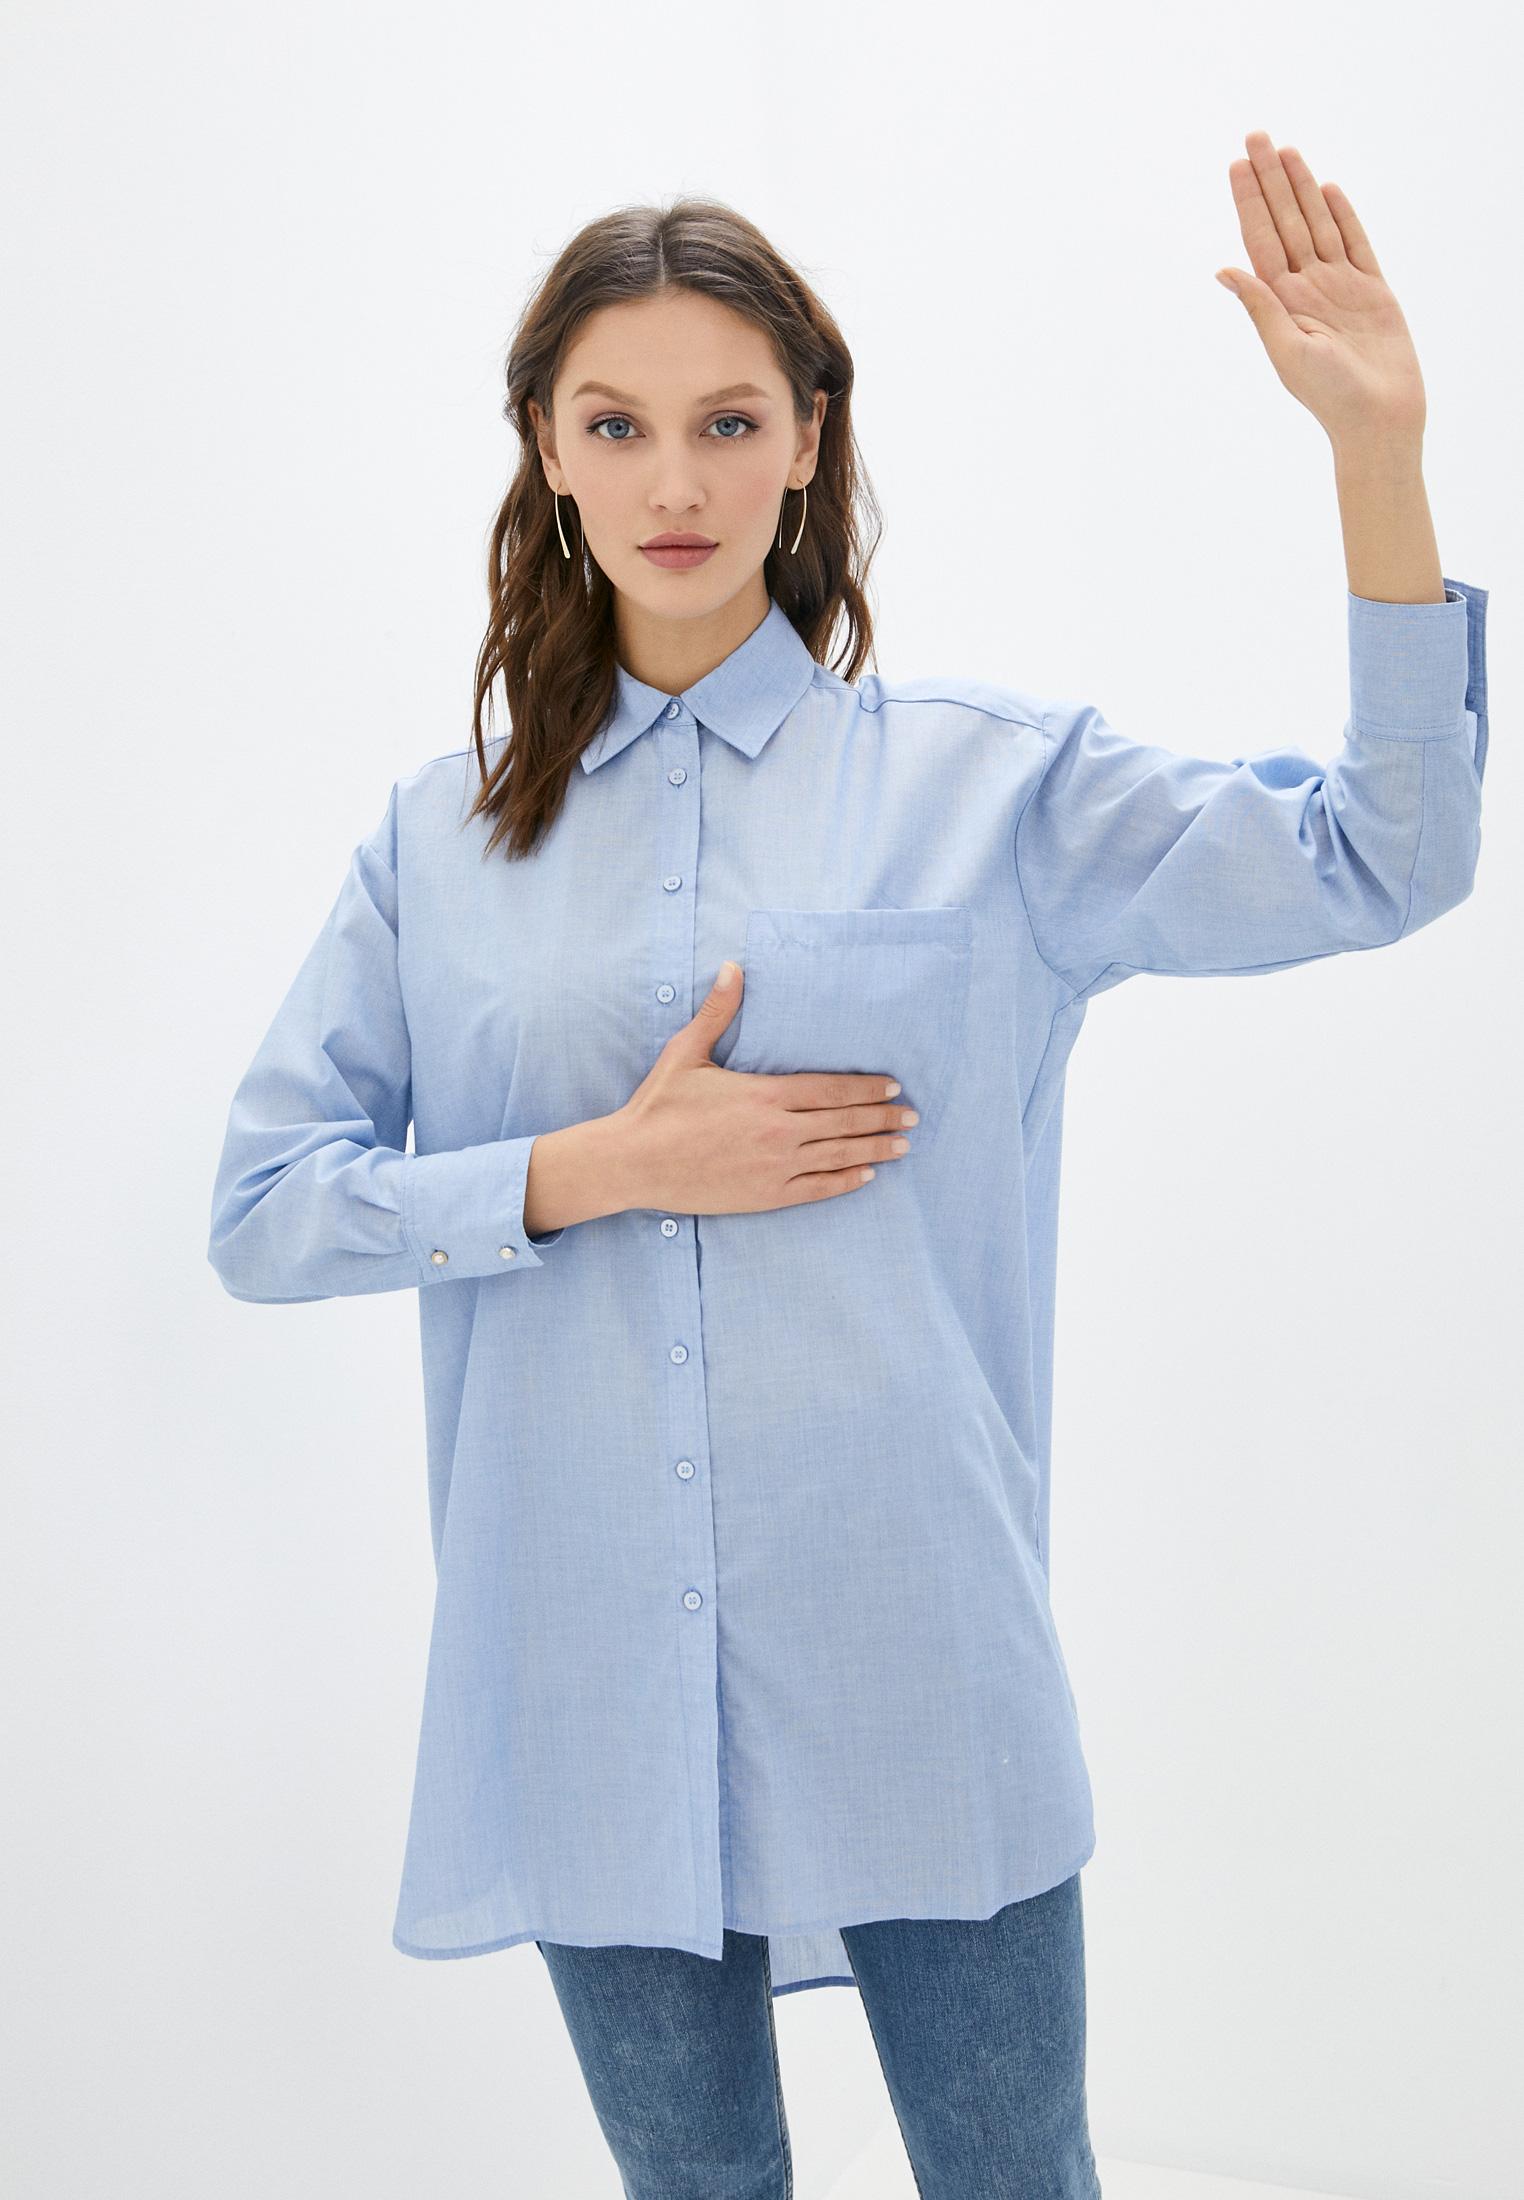 Женские рубашки с длинным рукавом Pimkie 562134